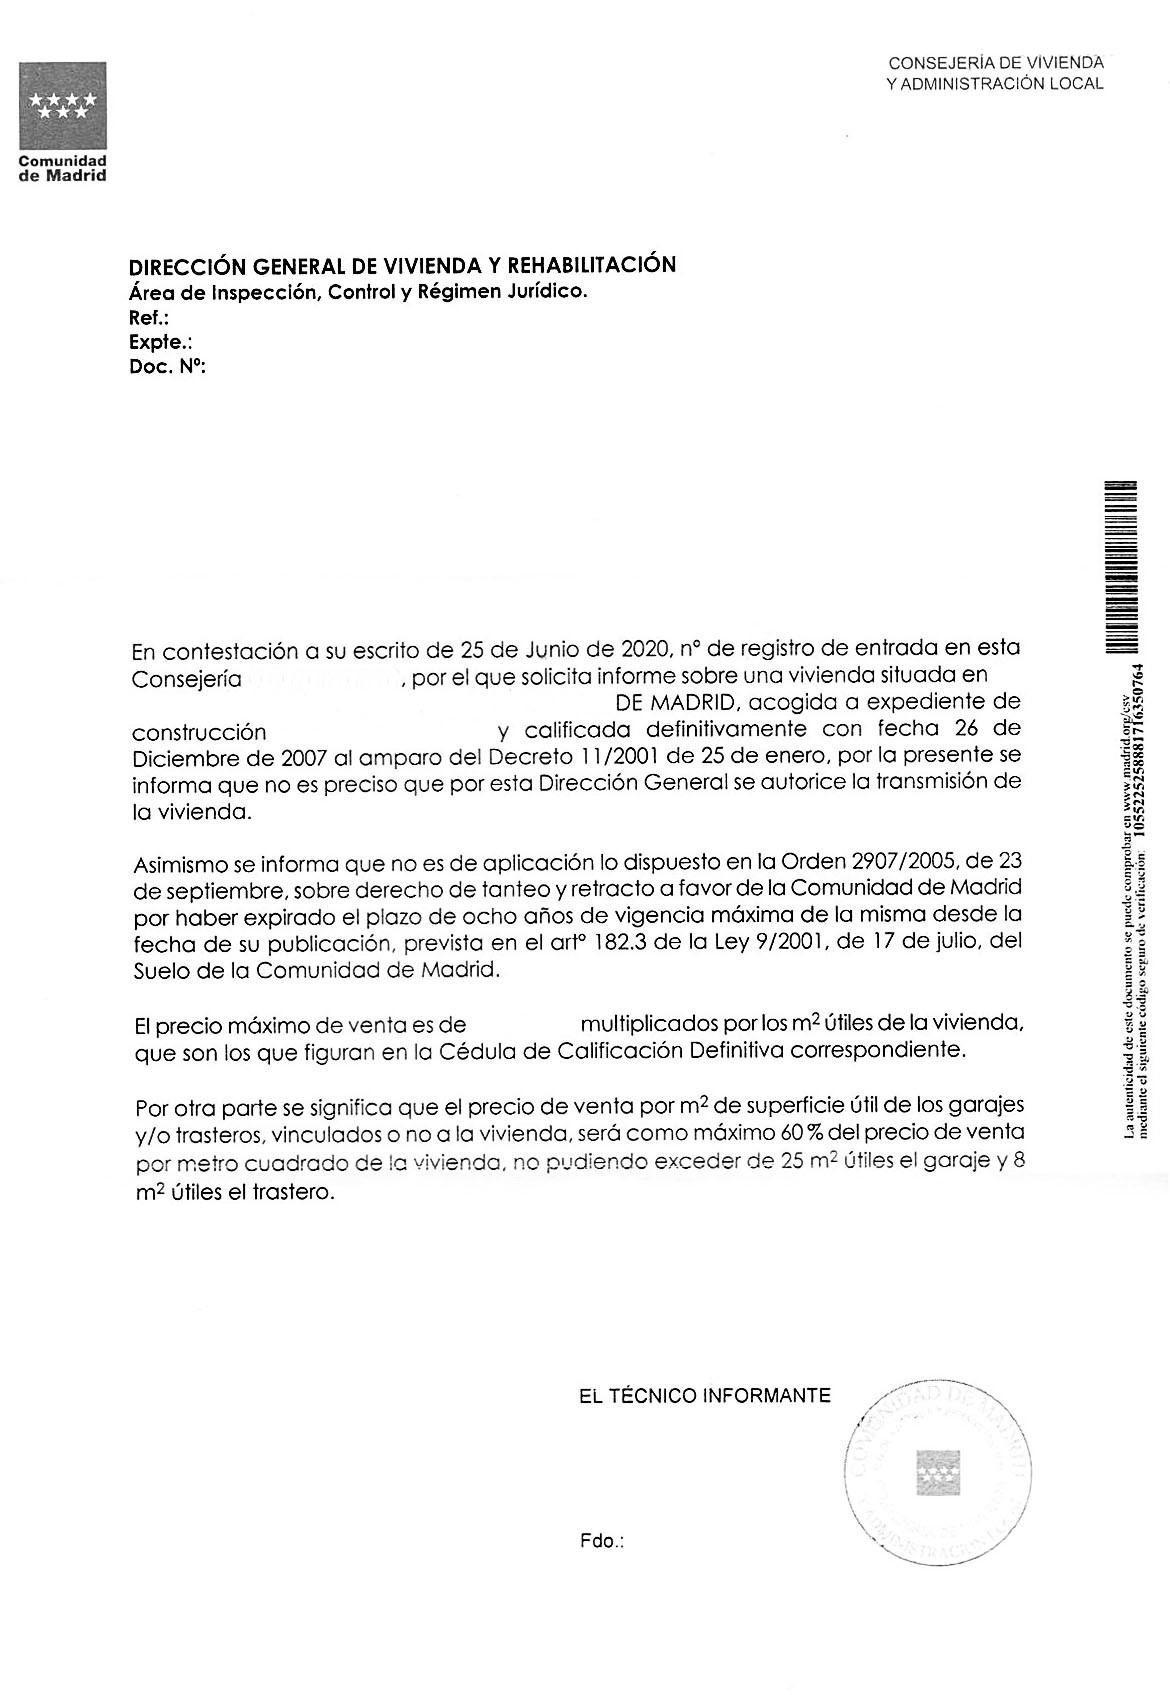 Informe de Venta Consejería Vivienda Madrid